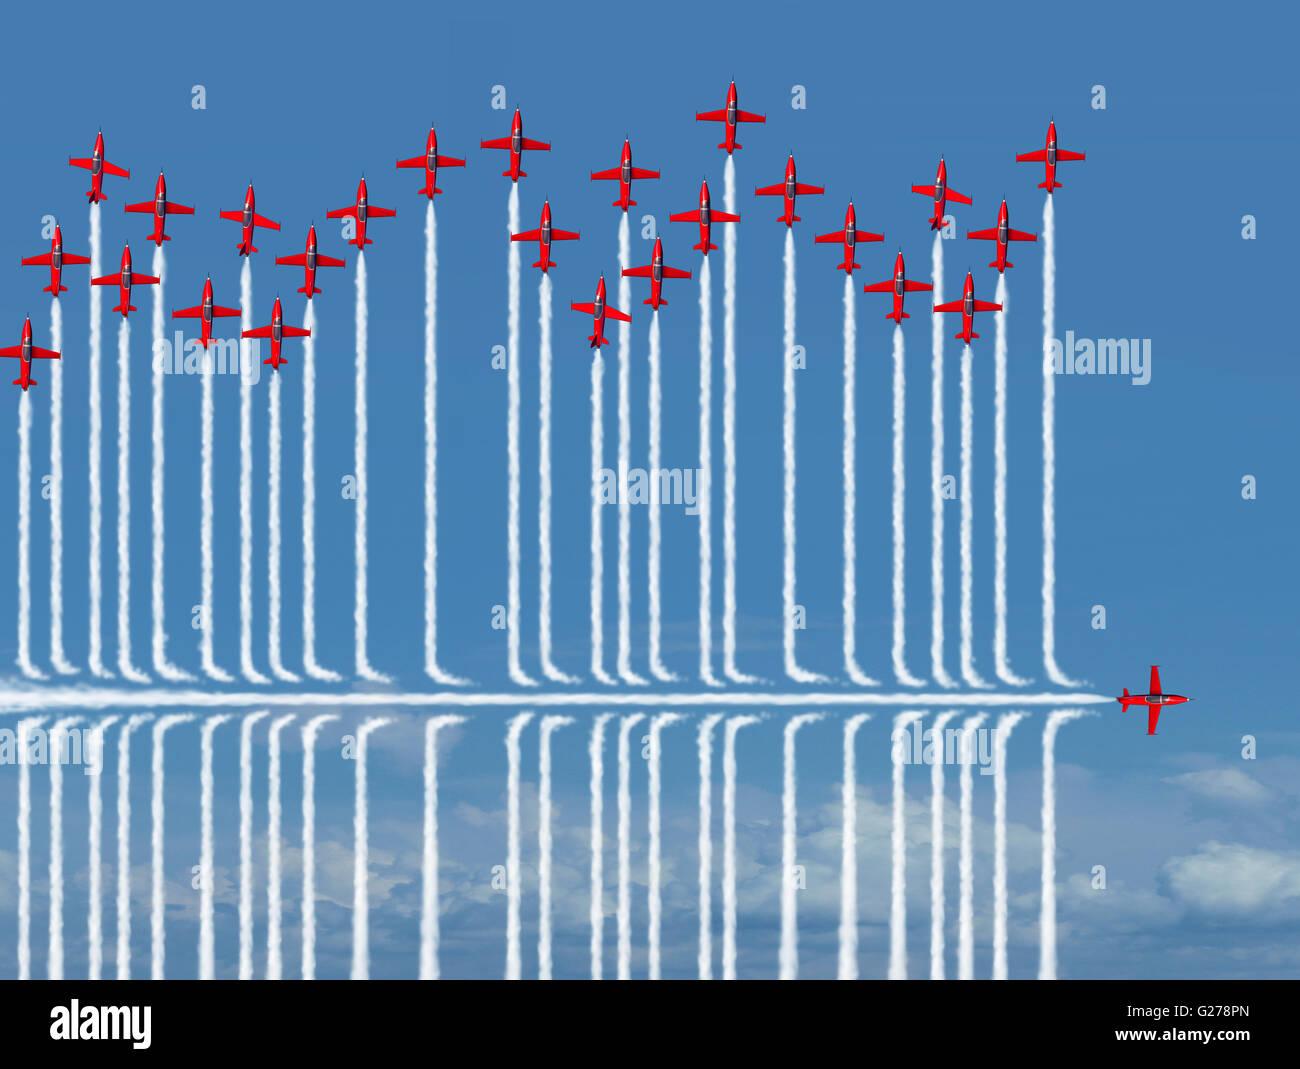 Andere Strategie Business-Konzept als eine einzelne Jet-Flugzeug fliegen unter den Wettbewerb als eine Metapher Stockbild